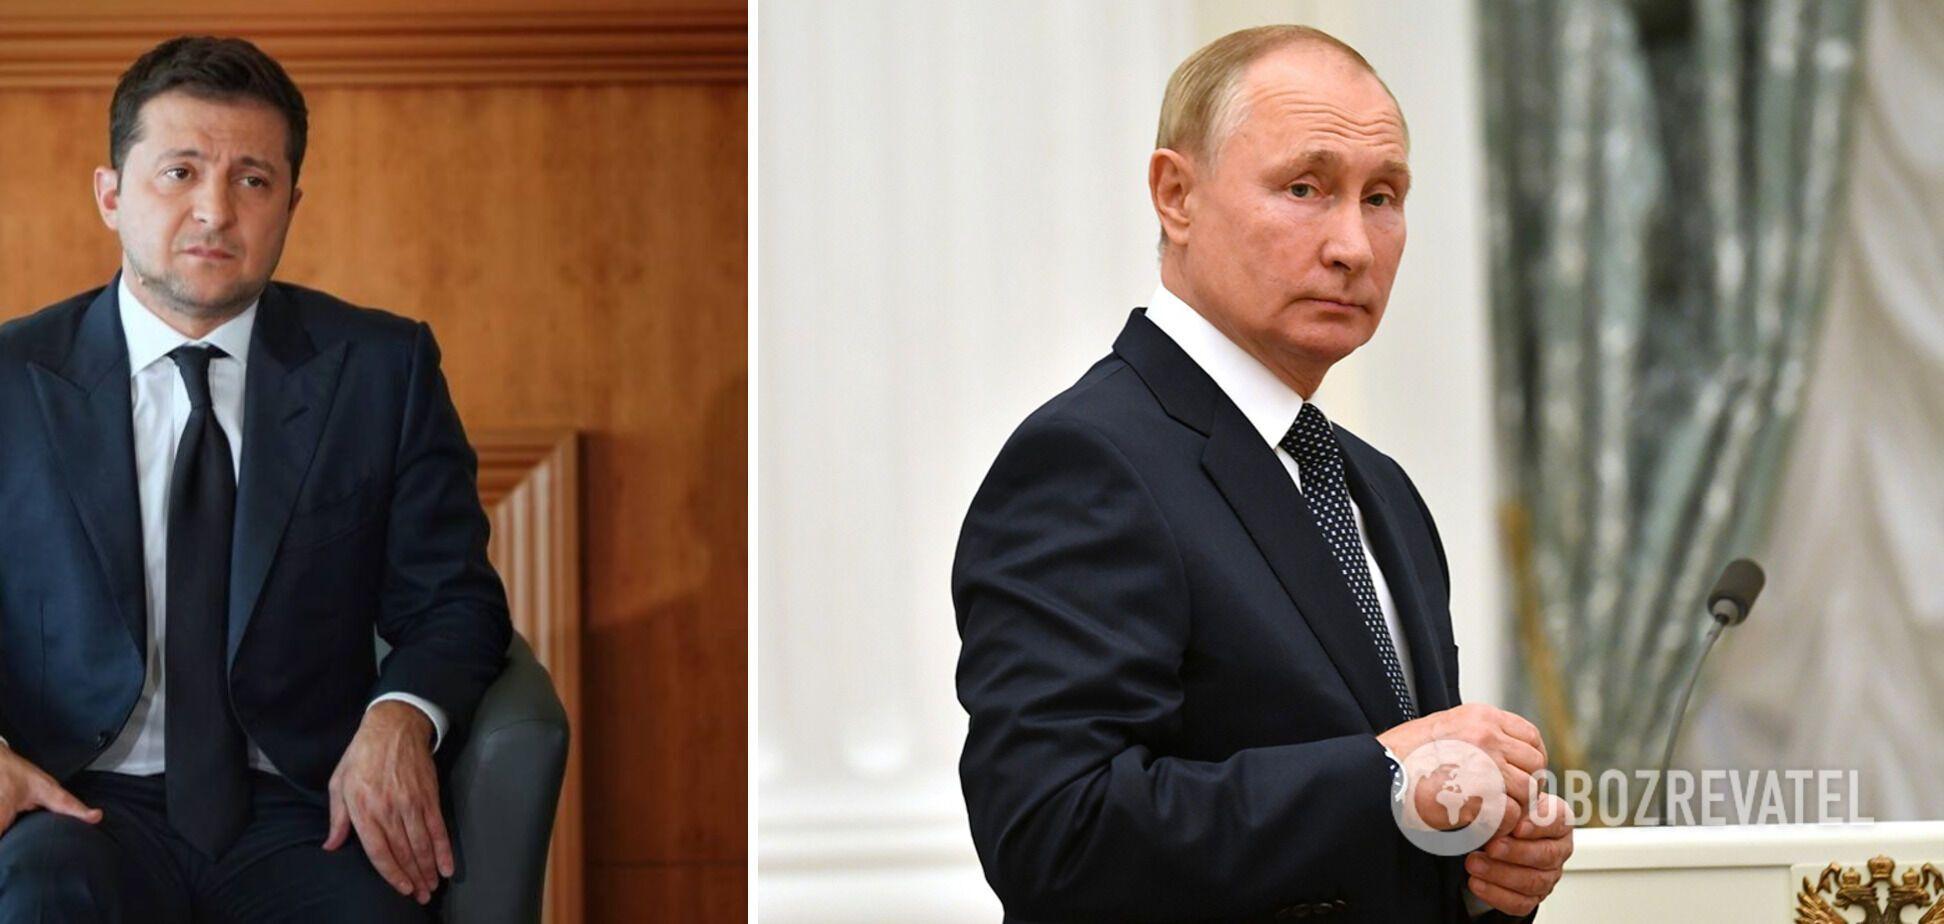 Зустріч із Путіним може принести несподіваний результат, – Зеленський